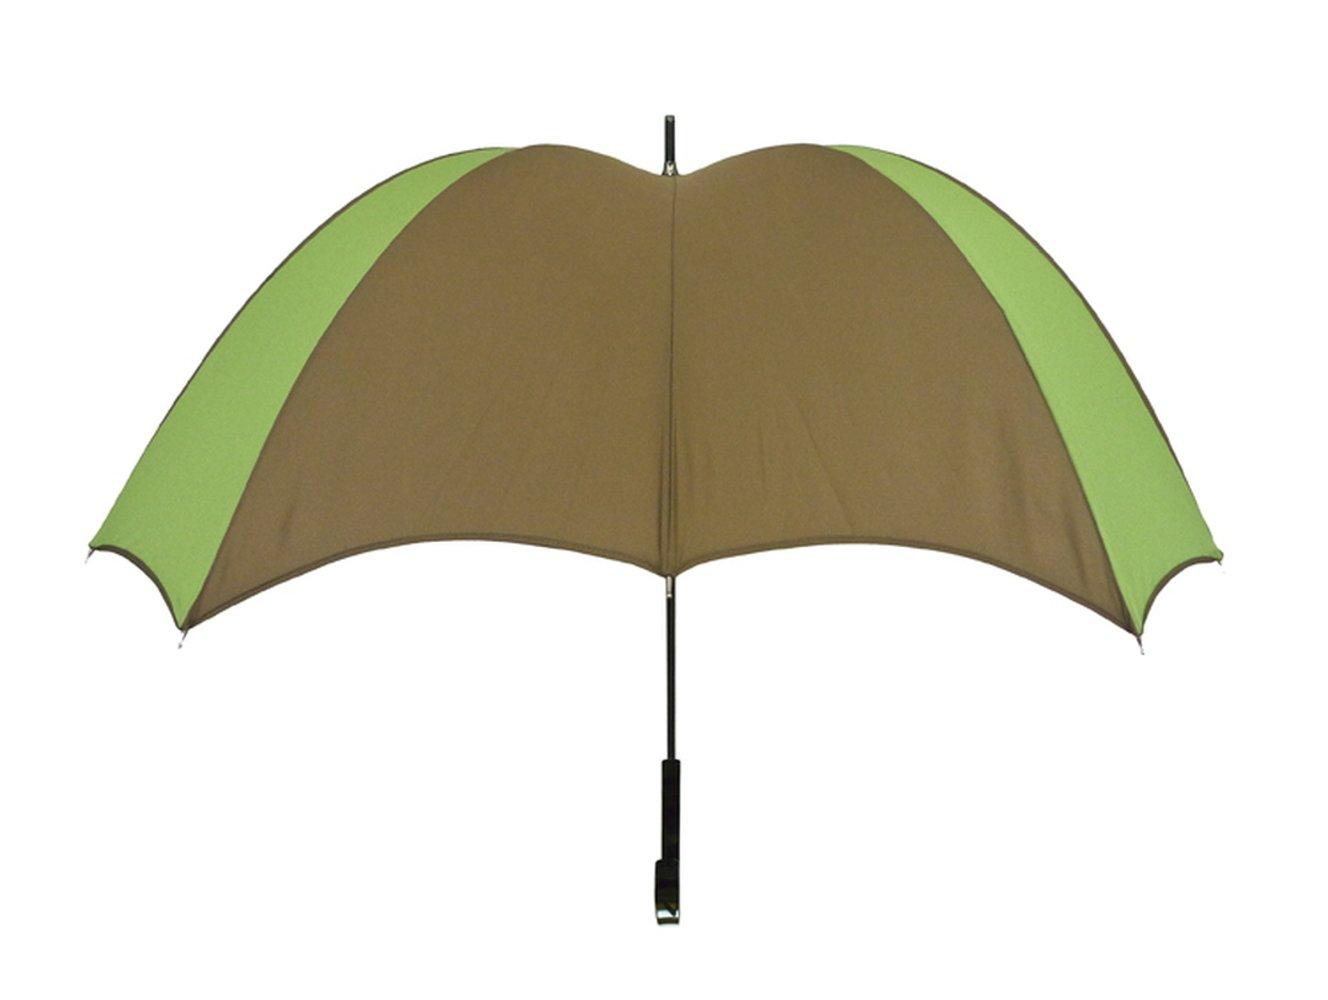 【正規輸入品】 ディチェザレ デザイン クロス ウォーカー カラーコンビ 全4色 長傘 手開き 日傘/晴雨兼用 グリーン&ブラウン 12本骨 52-64cm グラスファイバー骨 テフロン加工 B00T7RFAVG グリーン&ブラウン グリーン&ブラウン